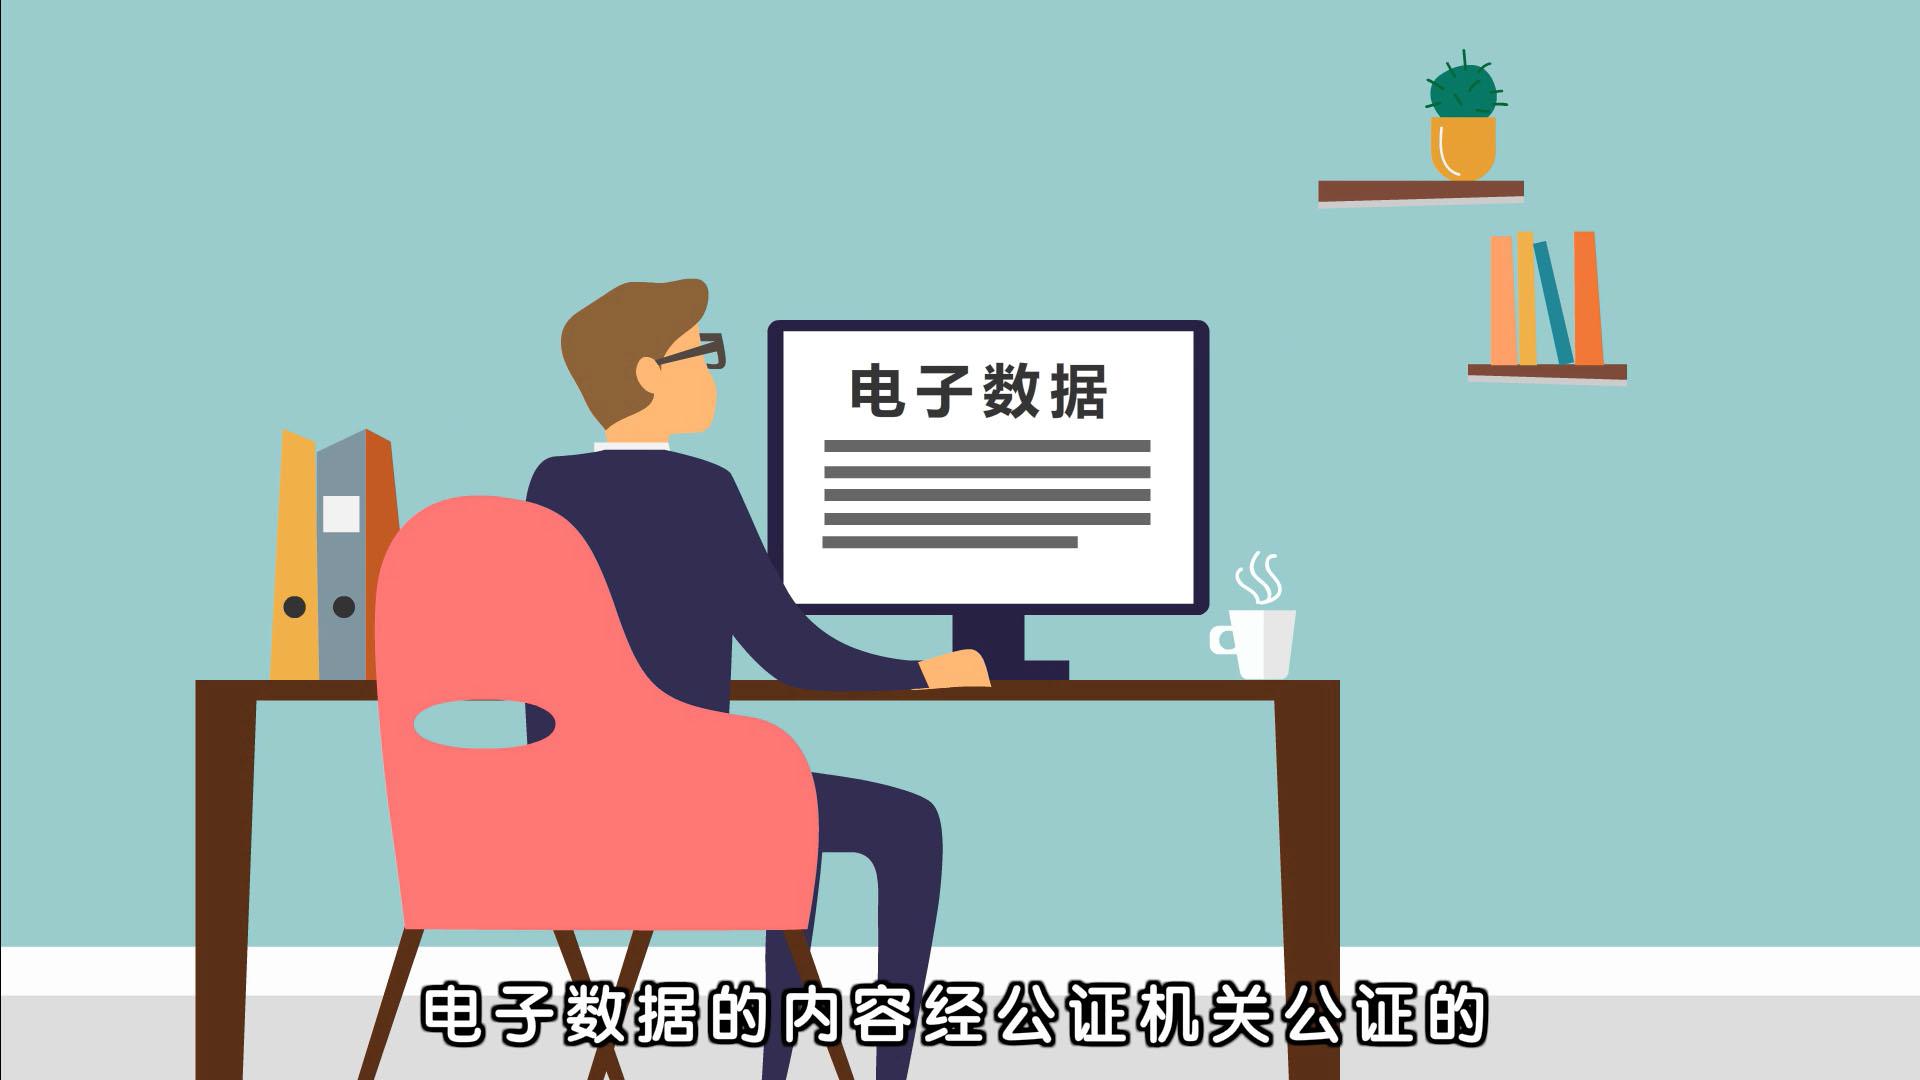 APP亚虎个人娱乐中心MG宣传推广